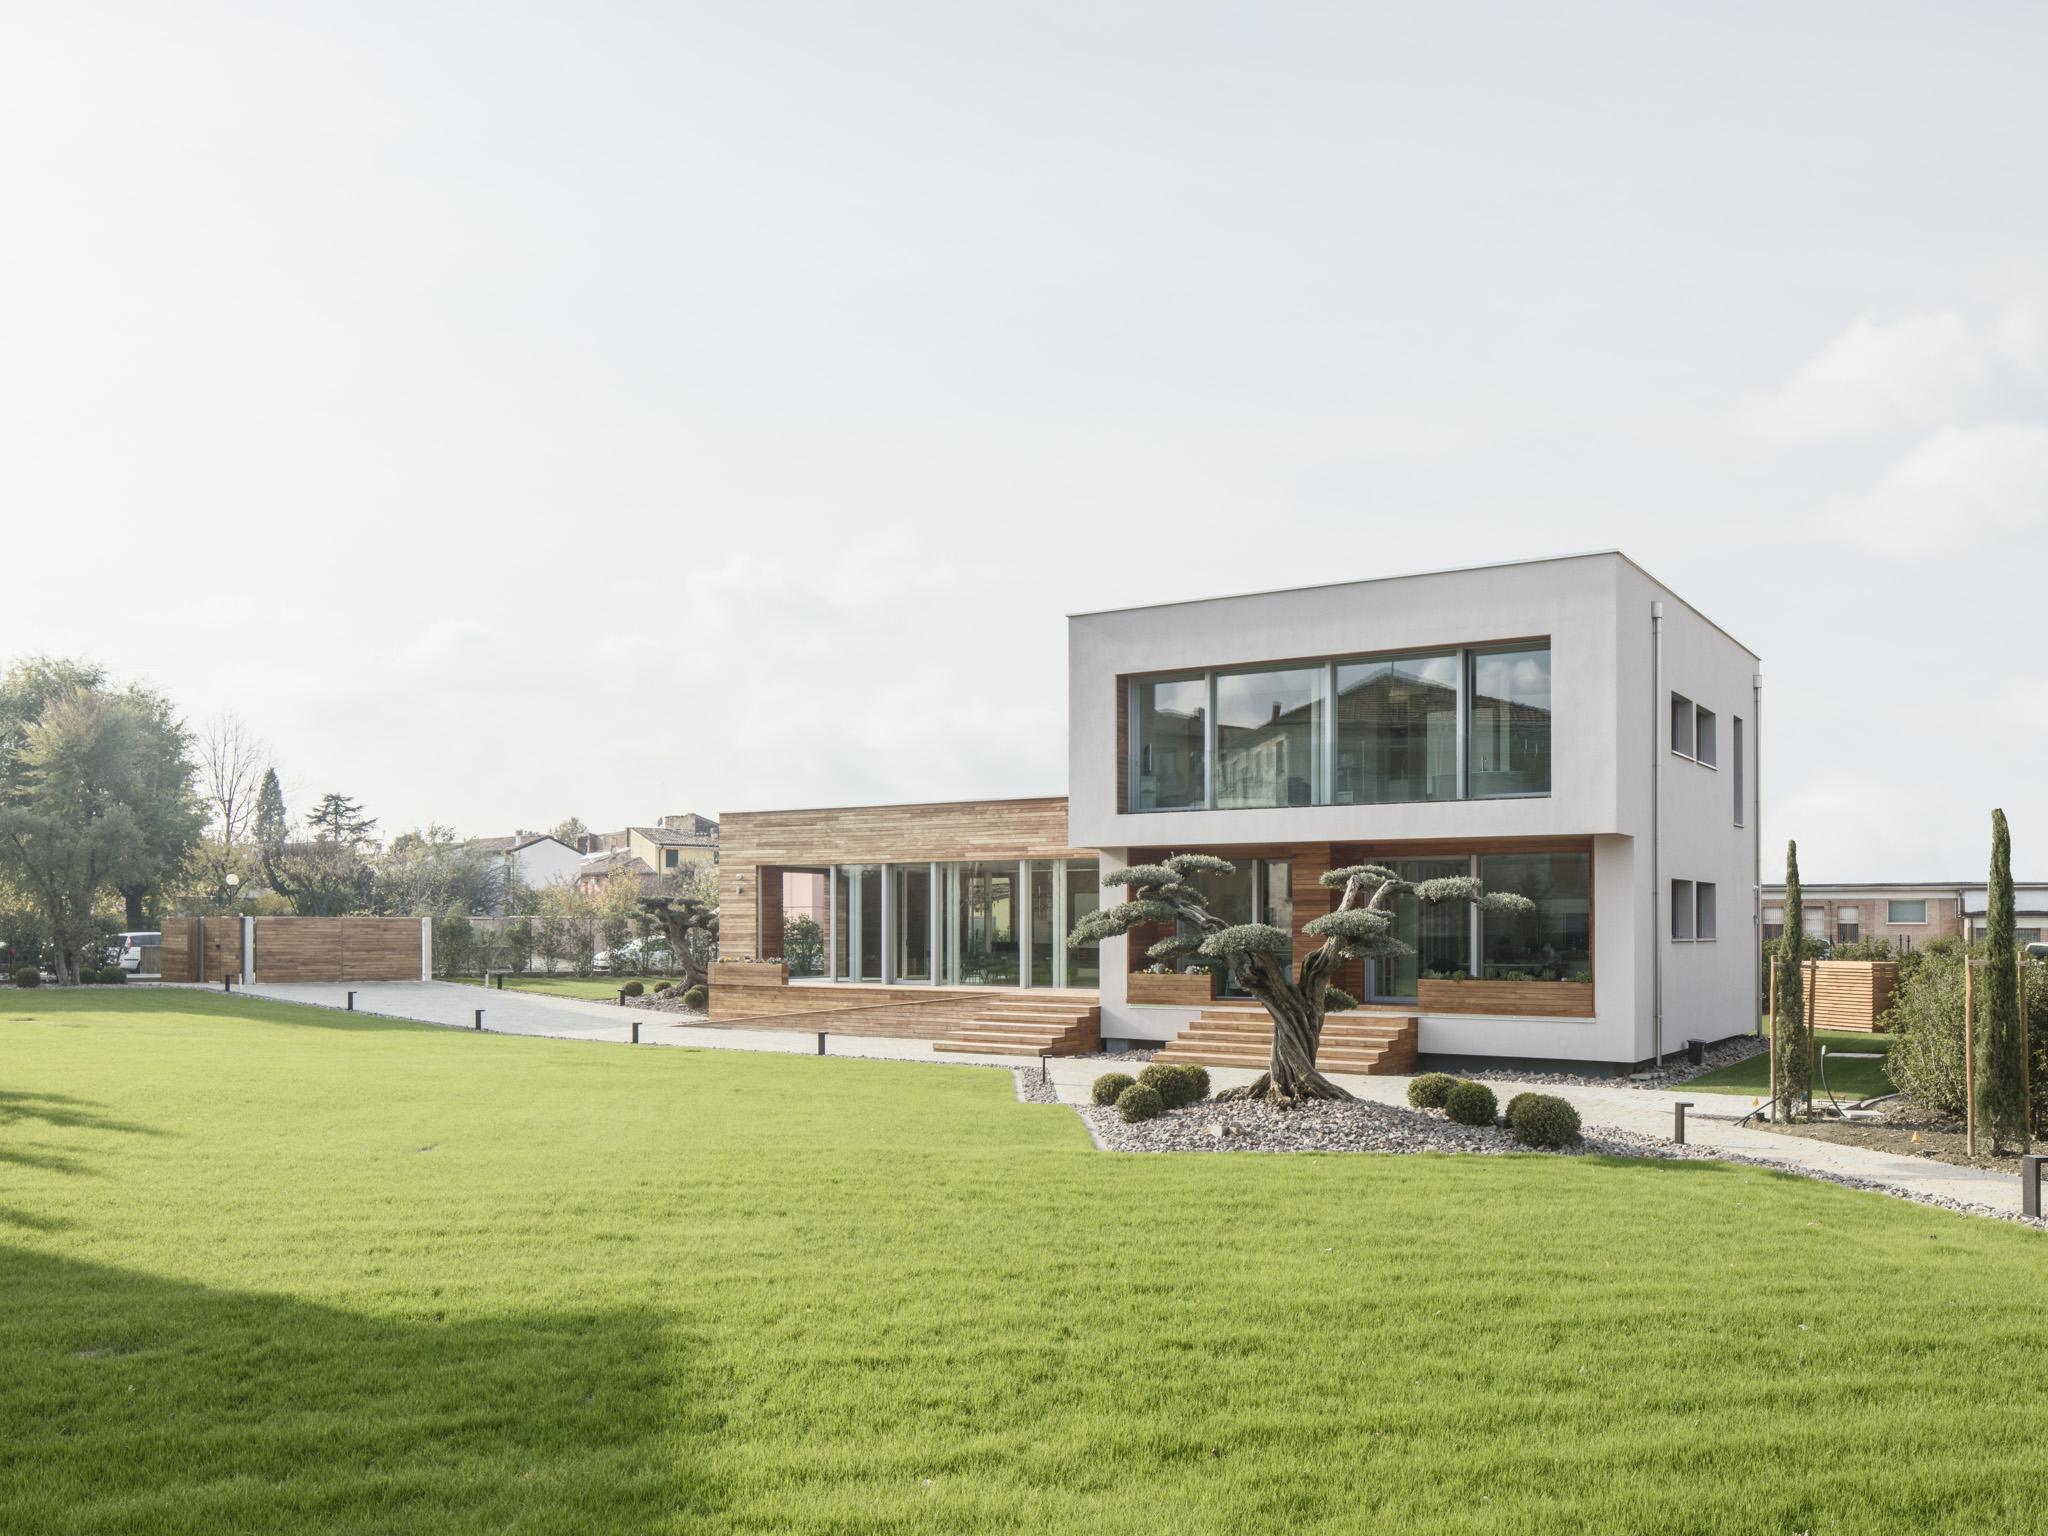 Villa F - Cesare Roversi Arredamenti - Davide Galli Fotografo di Architettura e Interni Milano